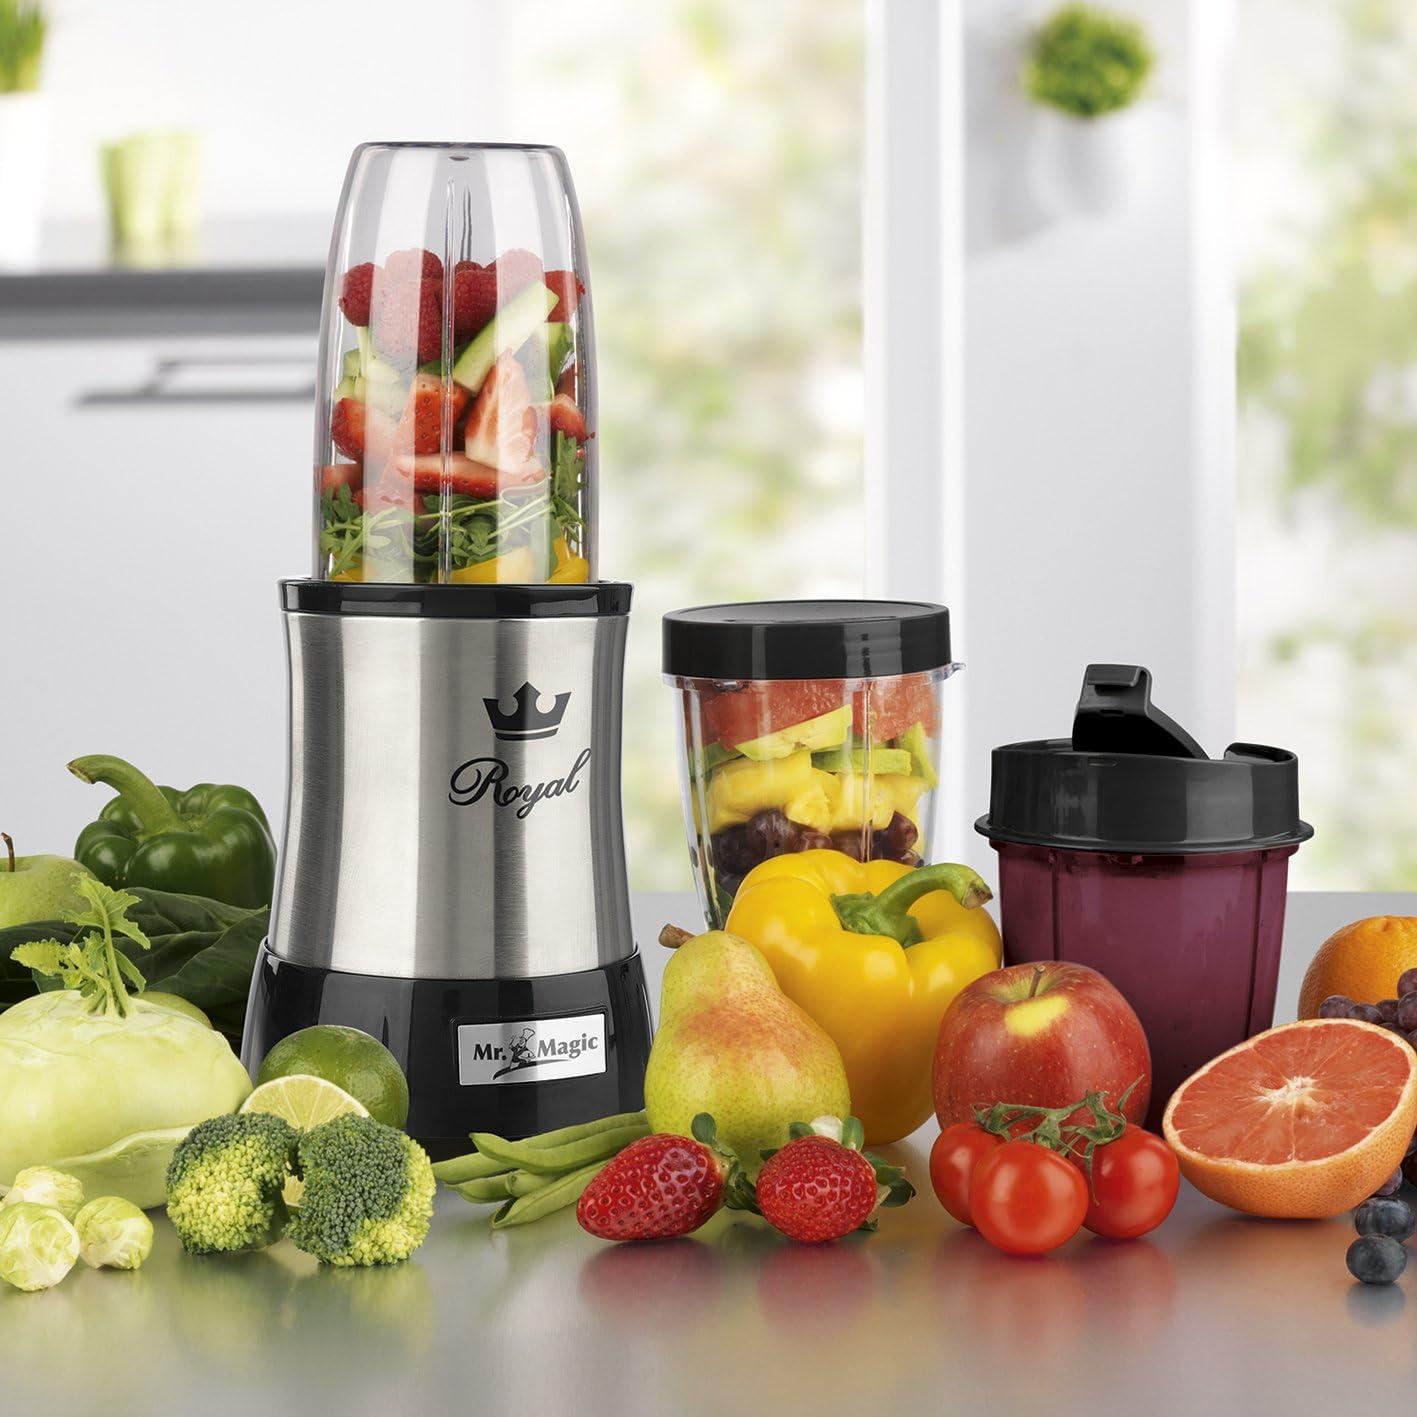 Gourmetmaxx 09833 Batidora Nutrición Profesional Acero Inoxidable, 700 Vatio, Eléctrico Mezclador, Perfecto para Cóctel y Batidos: Amazon.es: Hogar